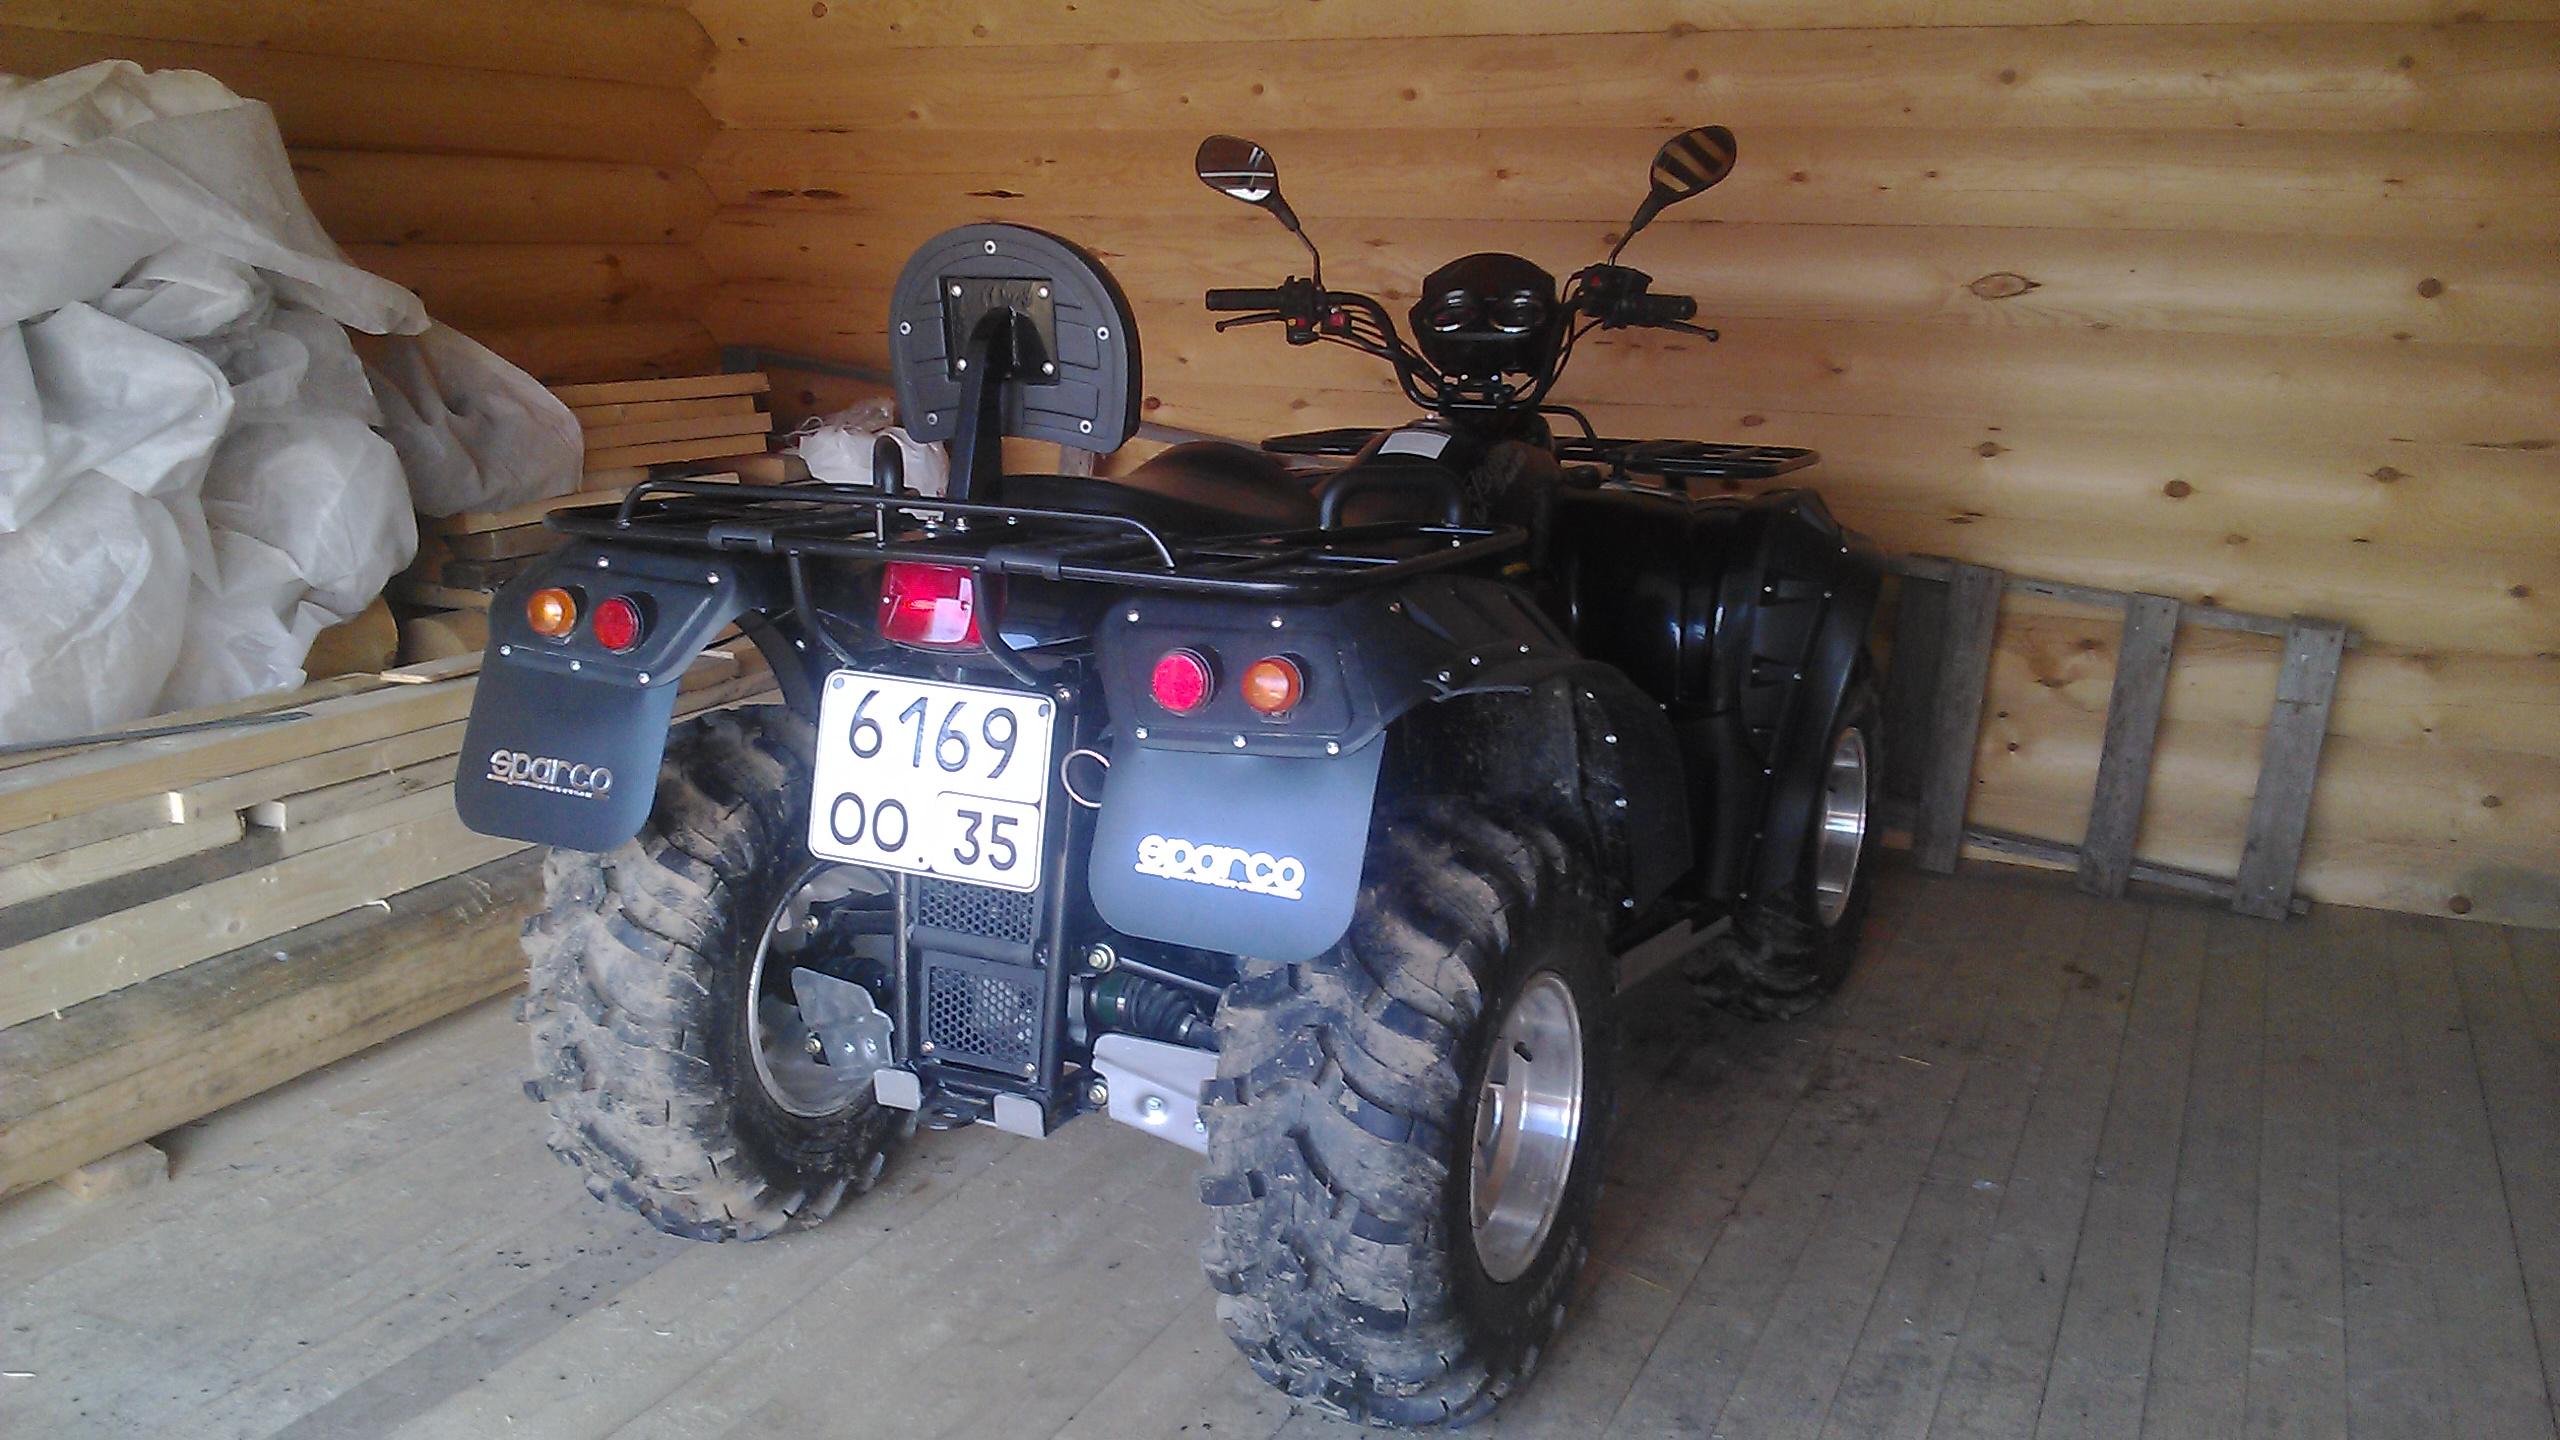 Тюнинг квадроцикла стелс 500 gt своими руками 59